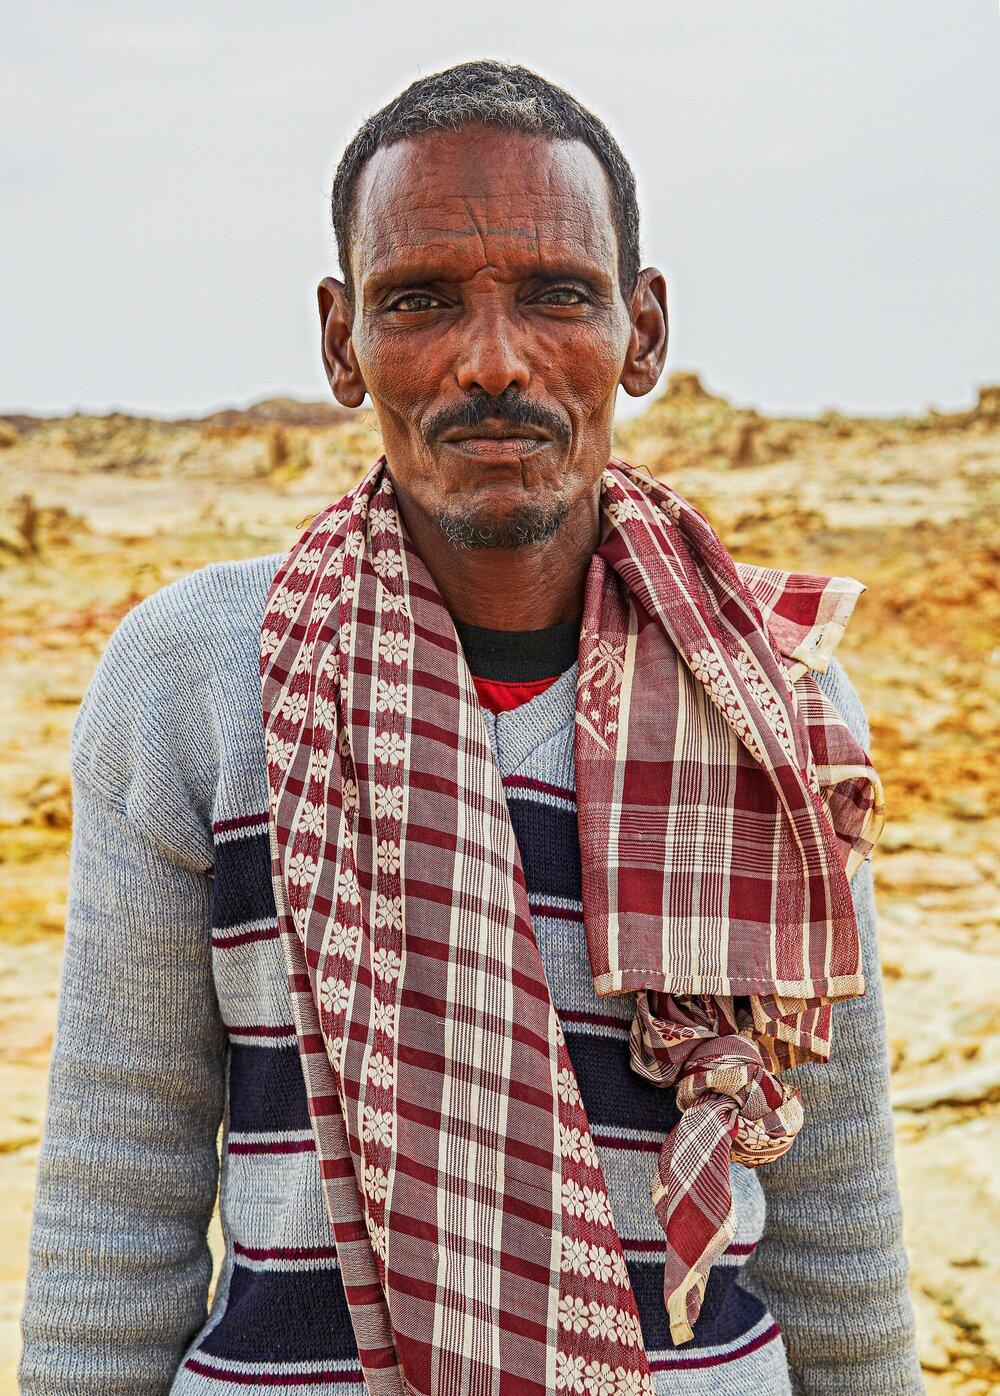 Tigray Man  Afar Region, Northern Ethiopia